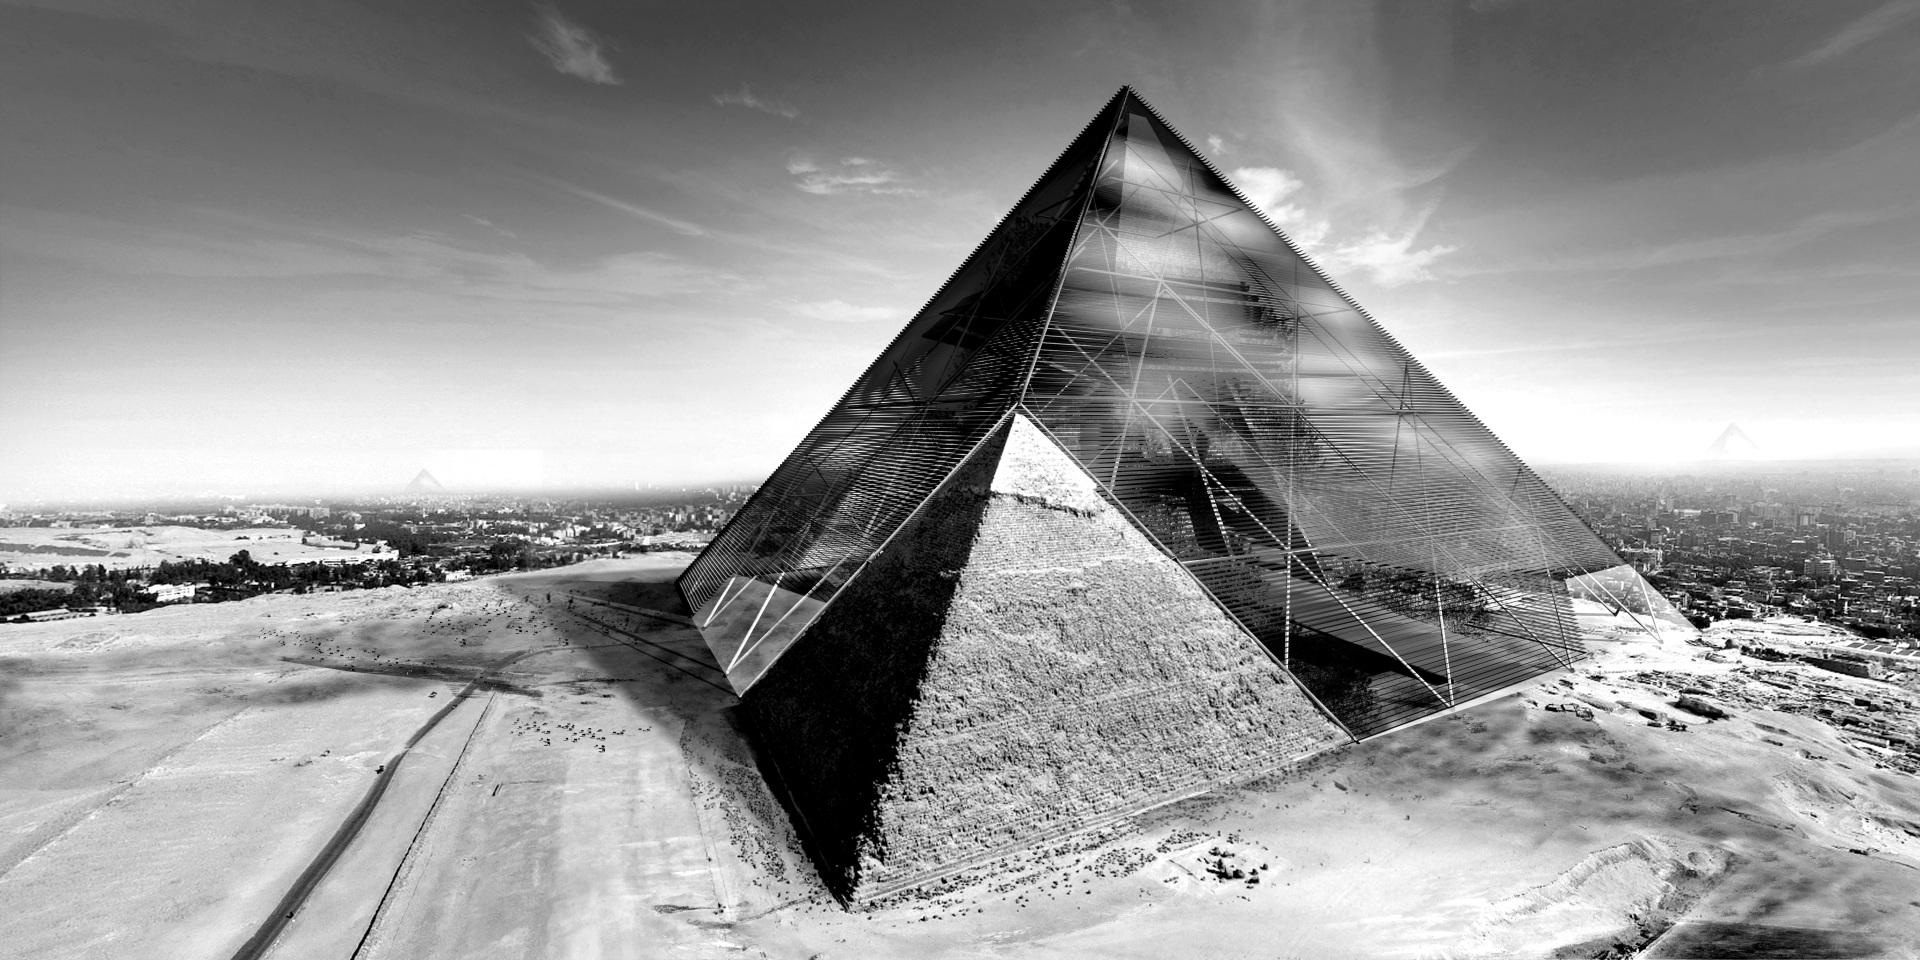 Evolo 2015 – Bio-Pyramid